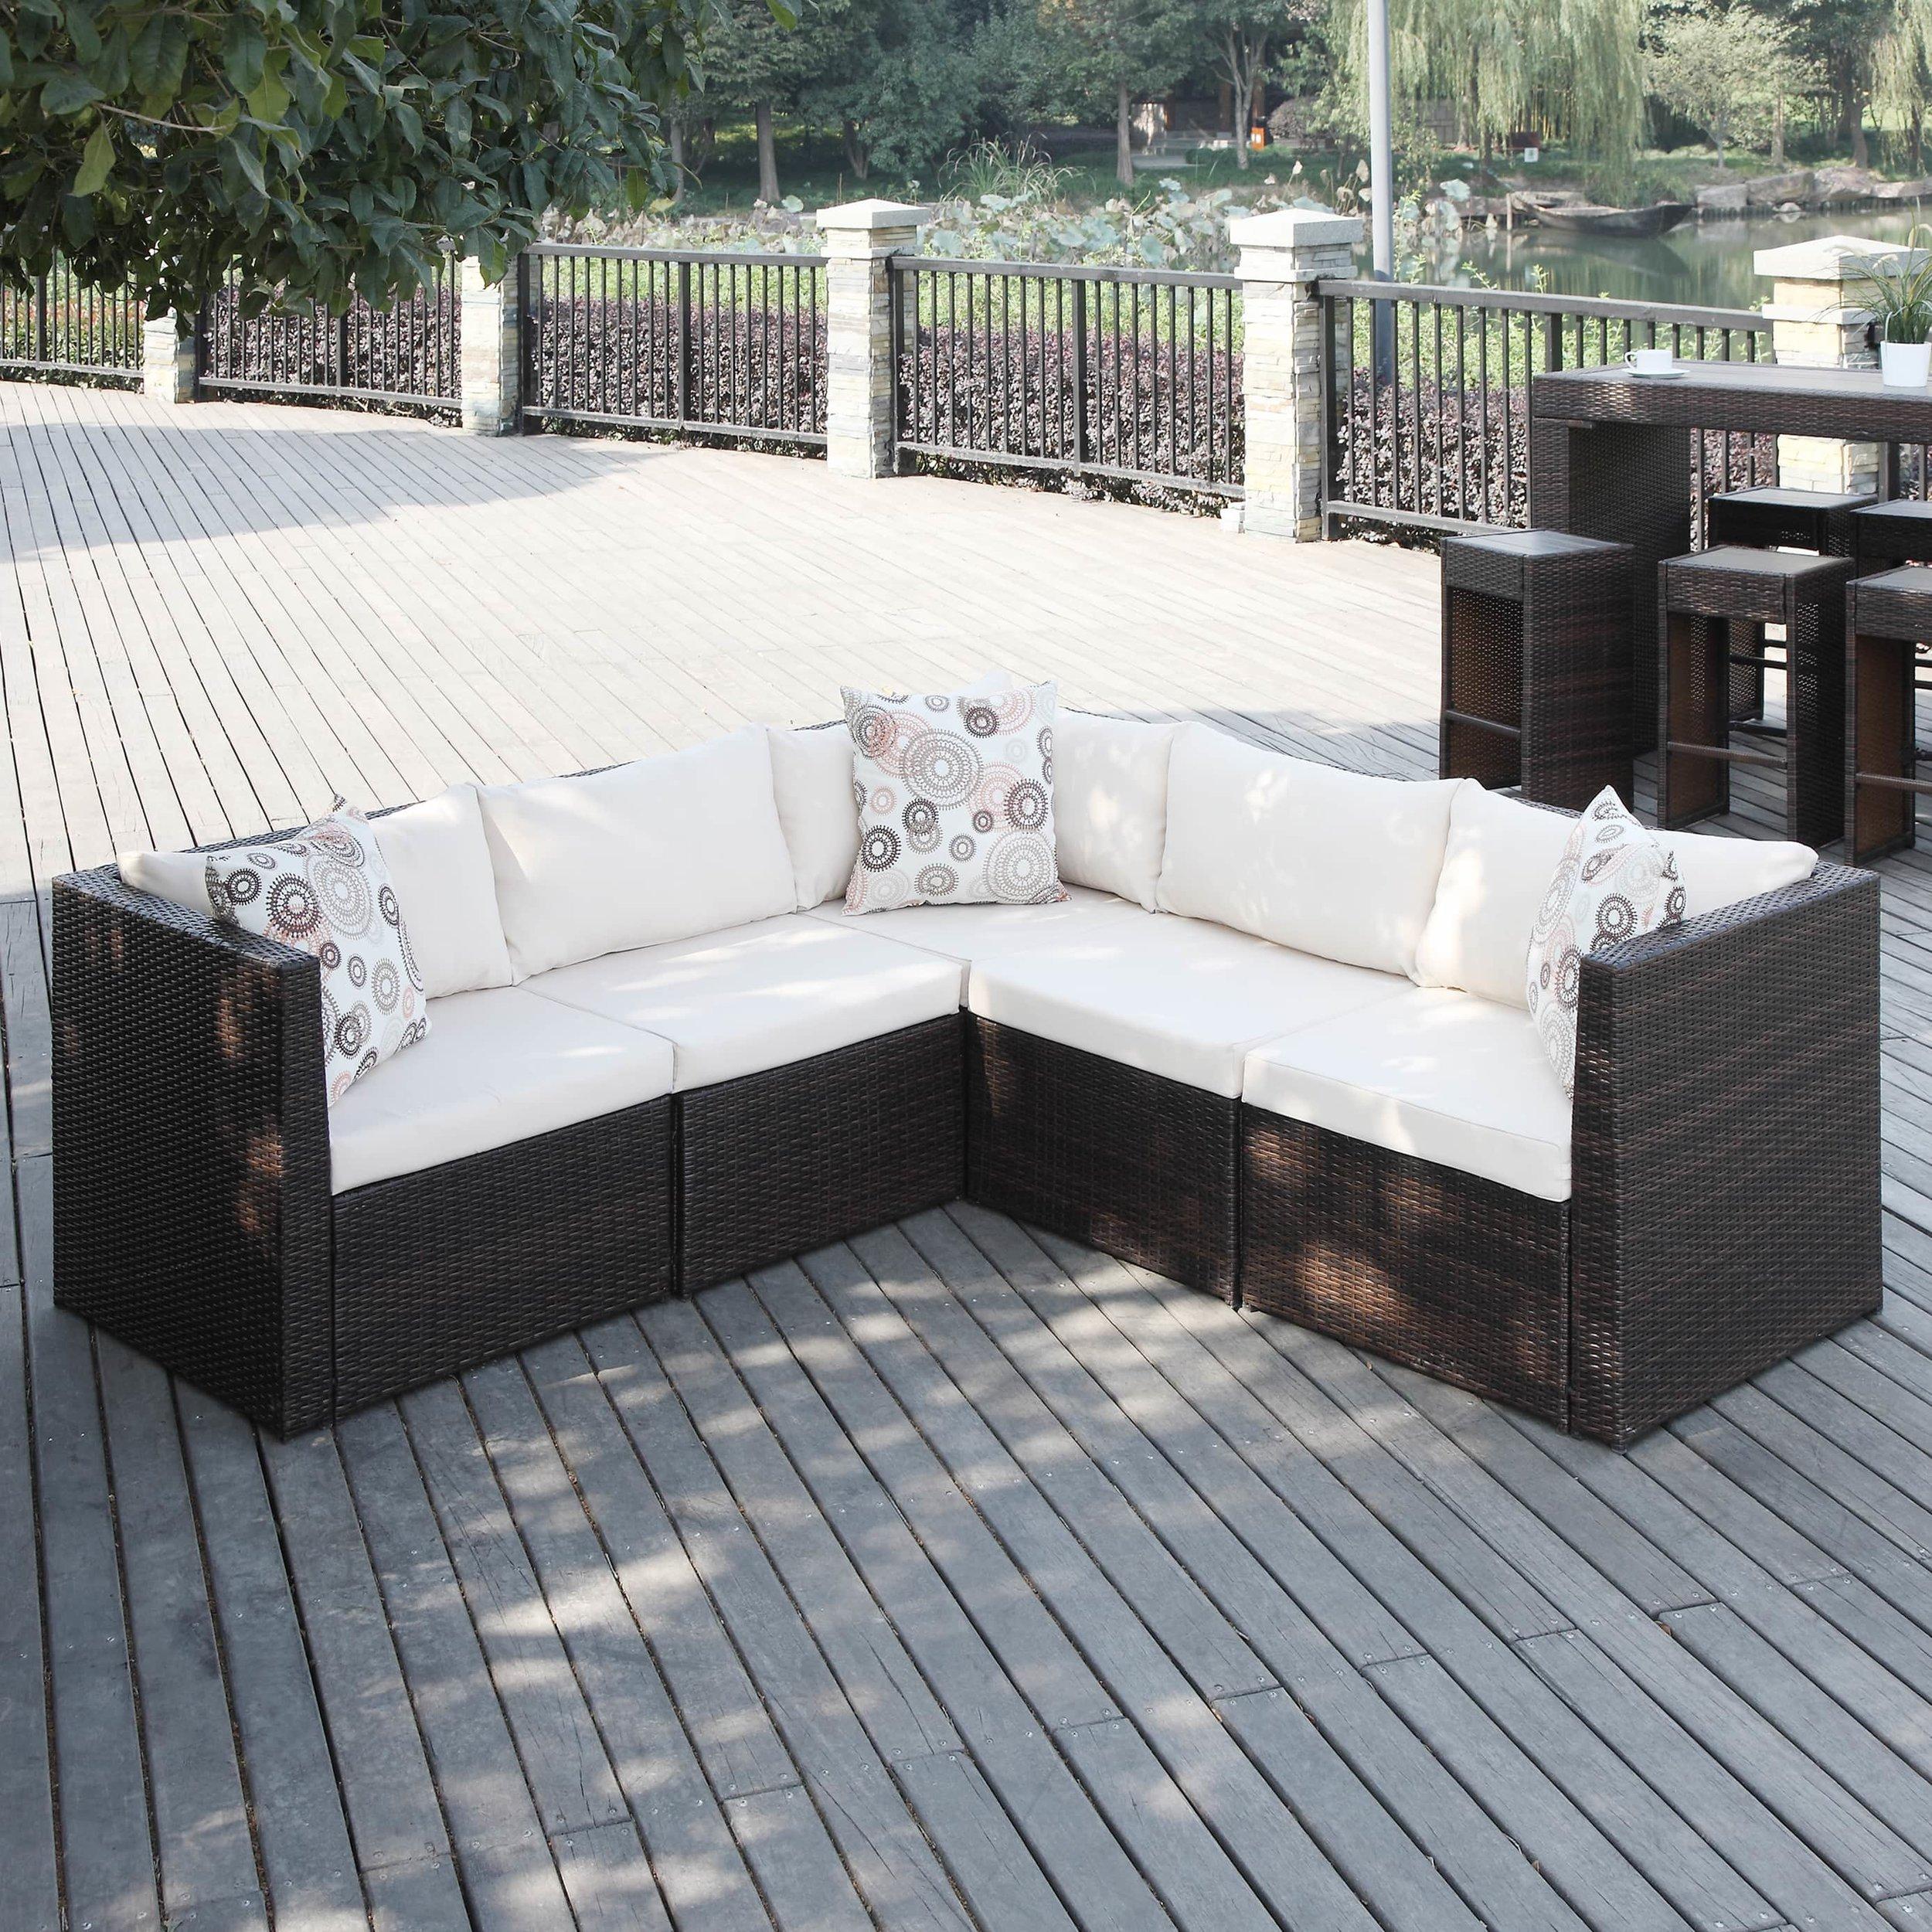 Handy-Living-Aldrich-Brown-Indoor-Outdoor-5-piece-Sectional-Set-3cdb49c1-9728-410e-af7b-a010e8795e82.jpg